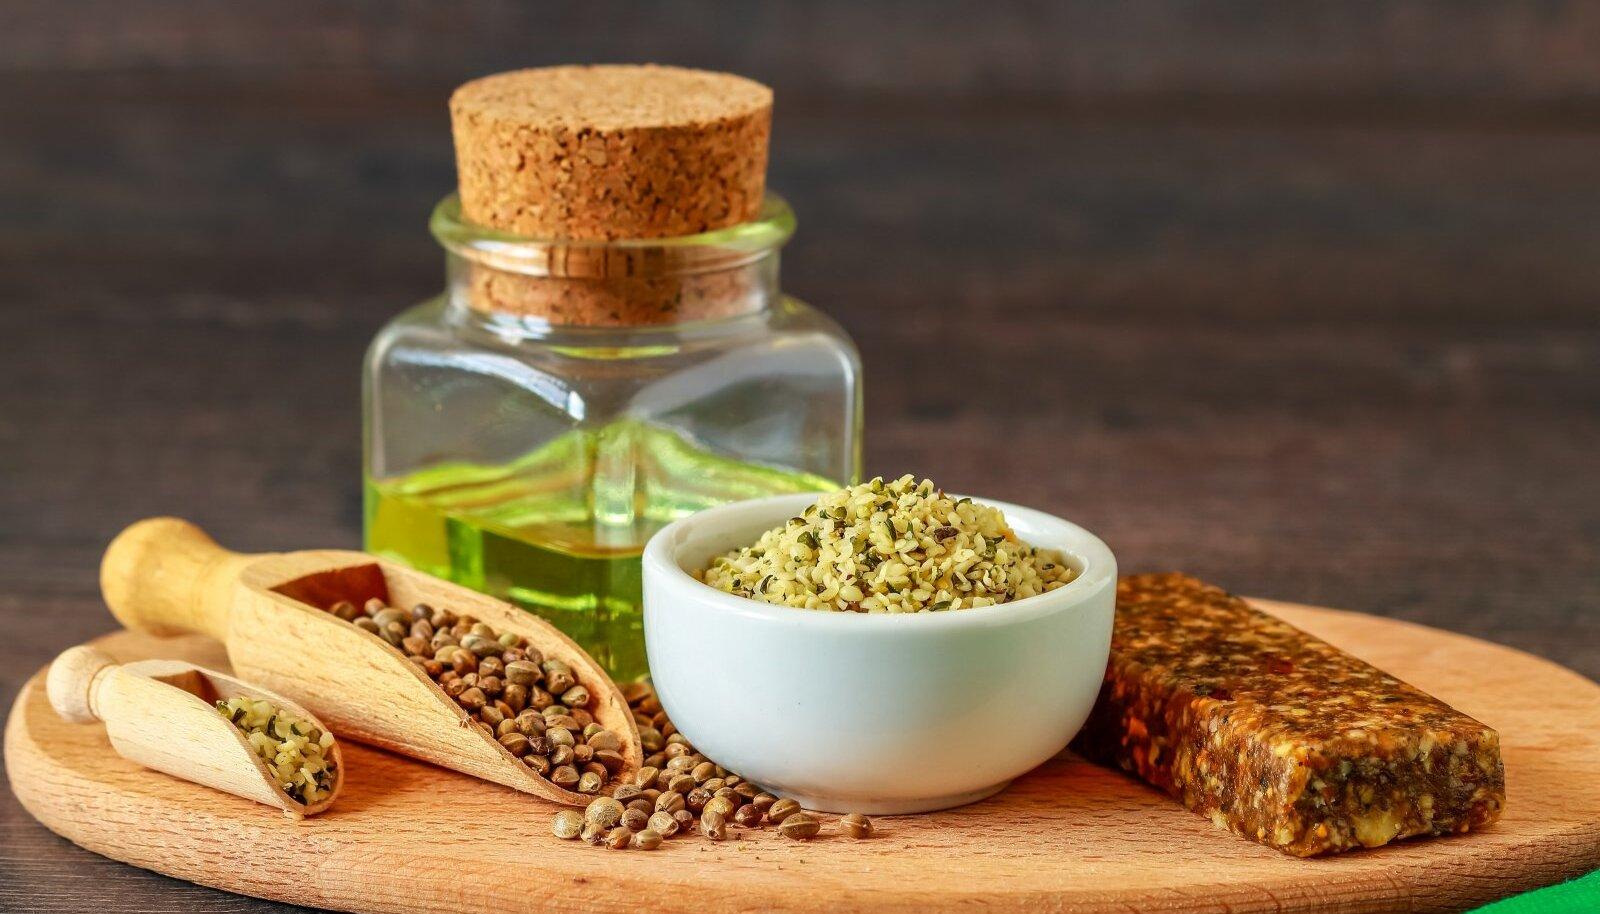 Kooritud ja koorimata kanepiseemned ja kanepiõli rikastavad toidulauda.